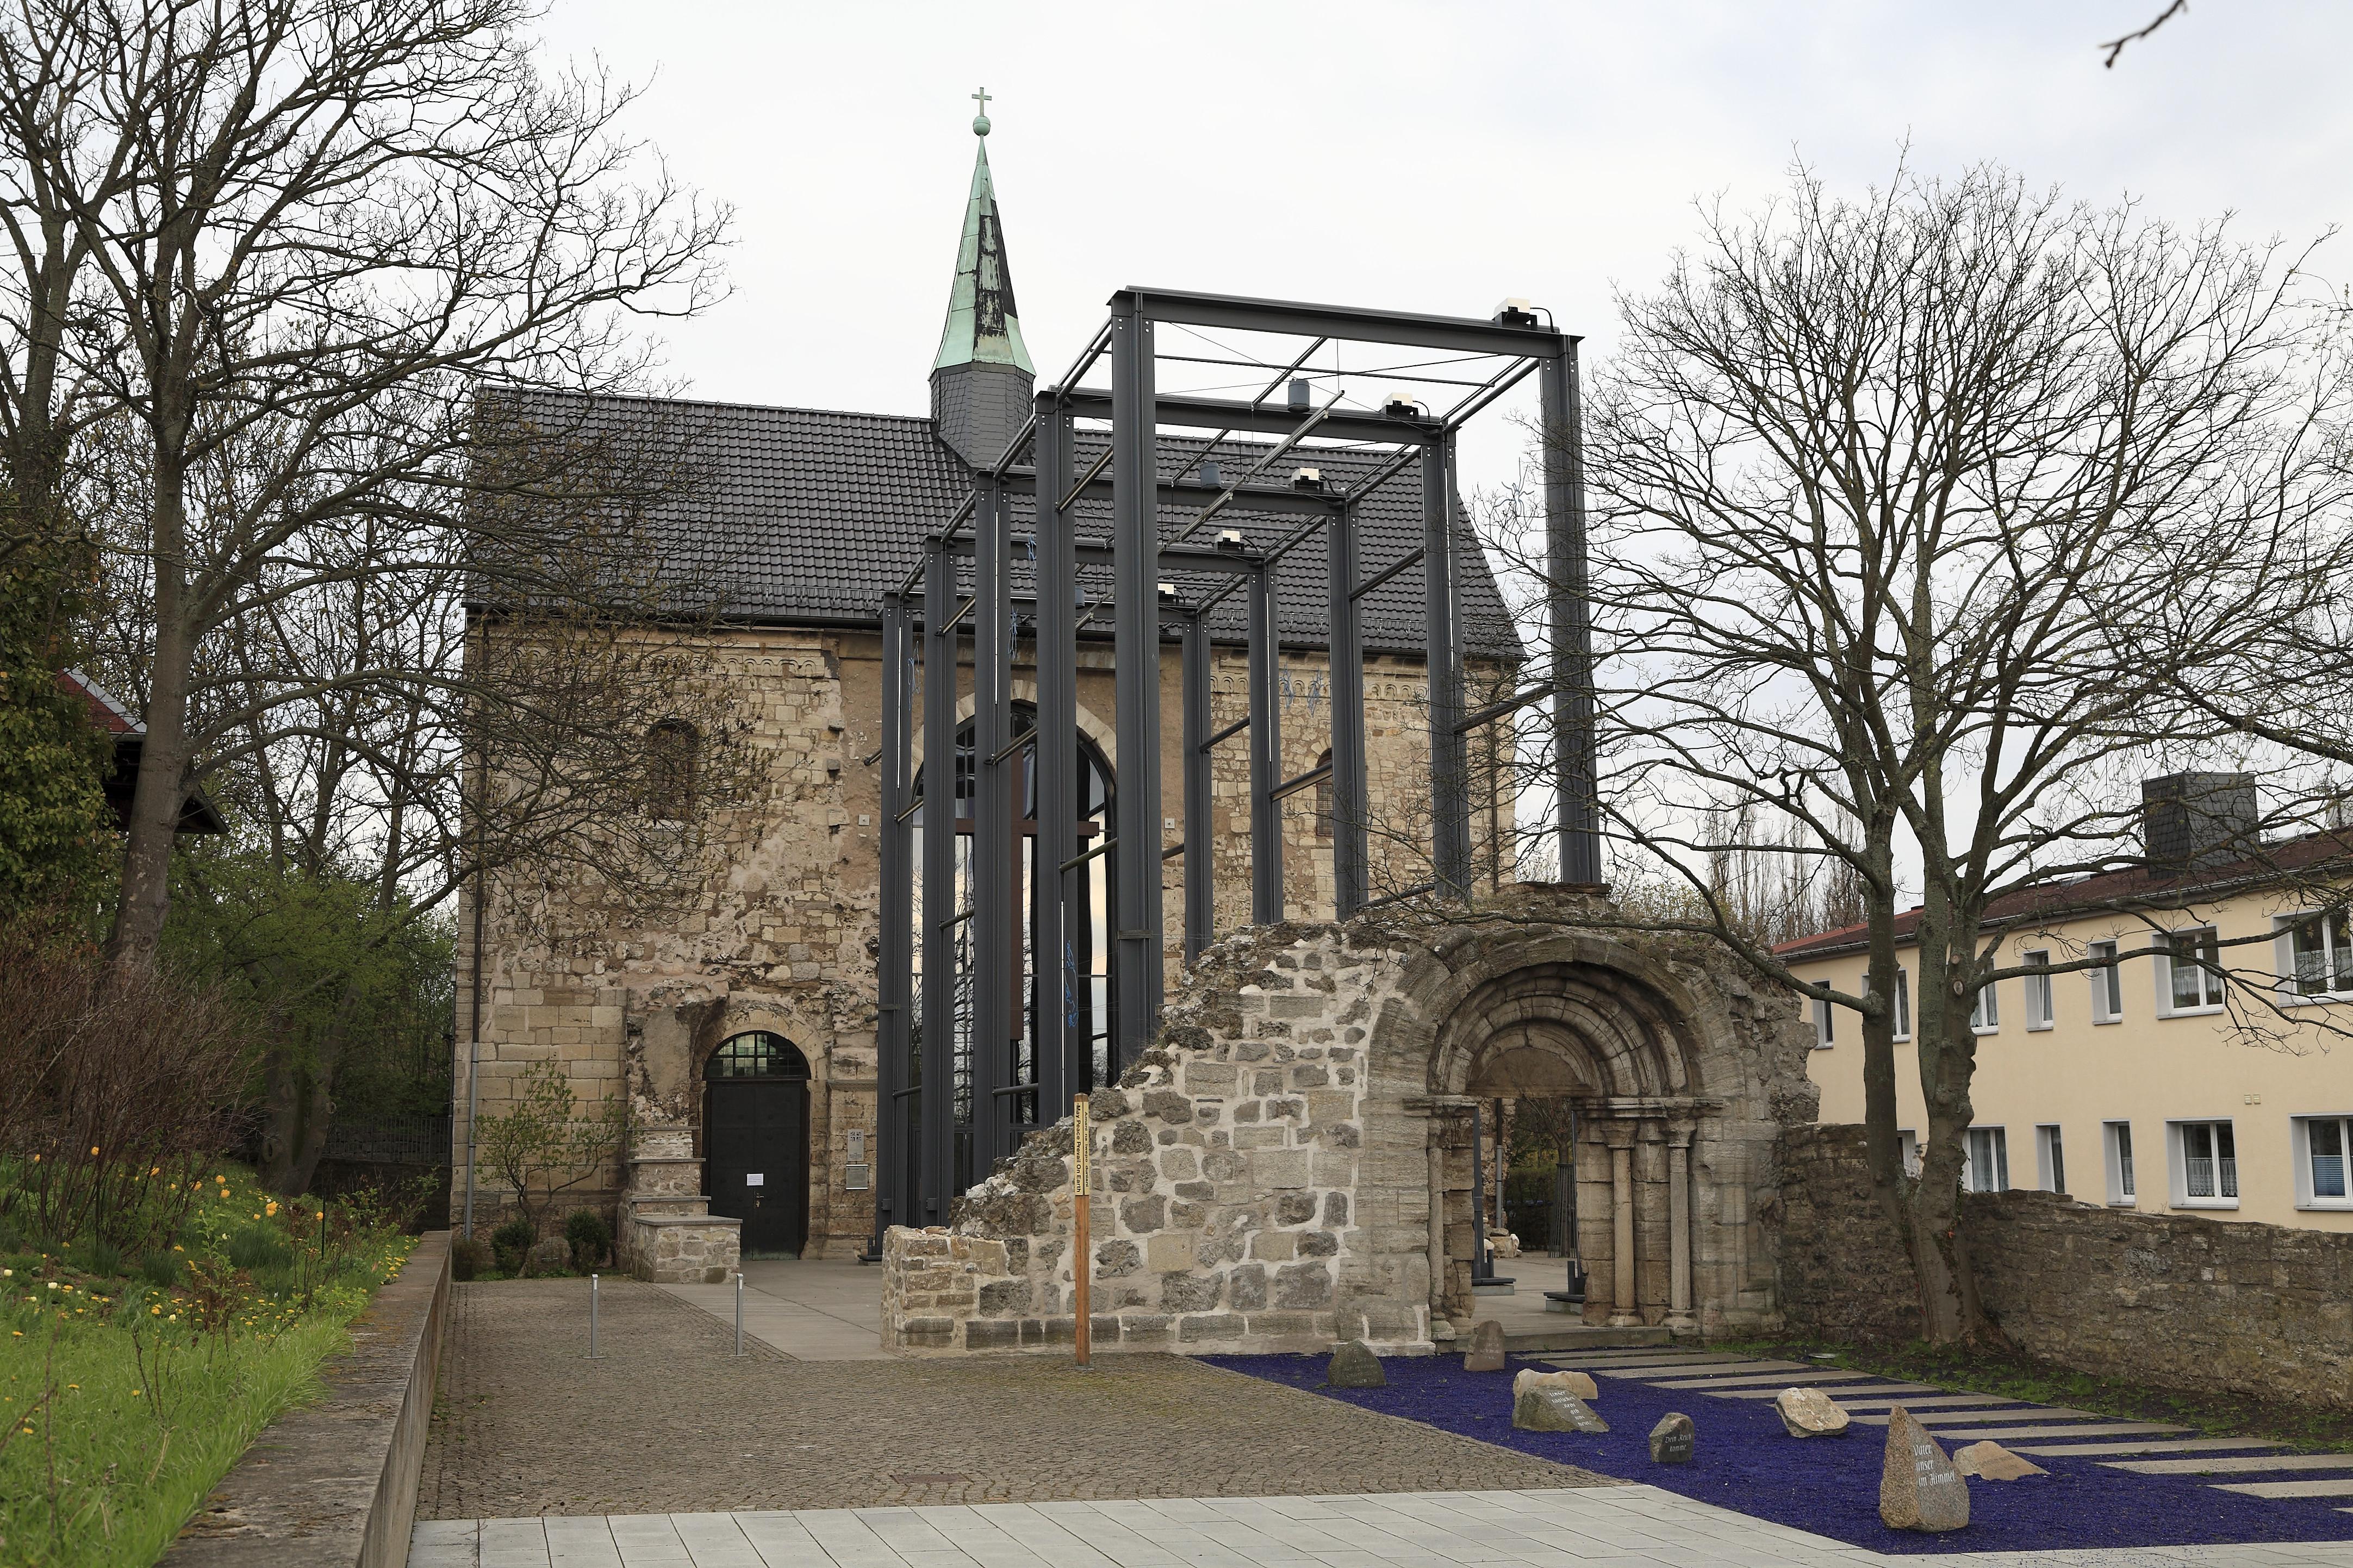 I09_039_Nordhausen%2C_St._Maria_in_monte.jpg